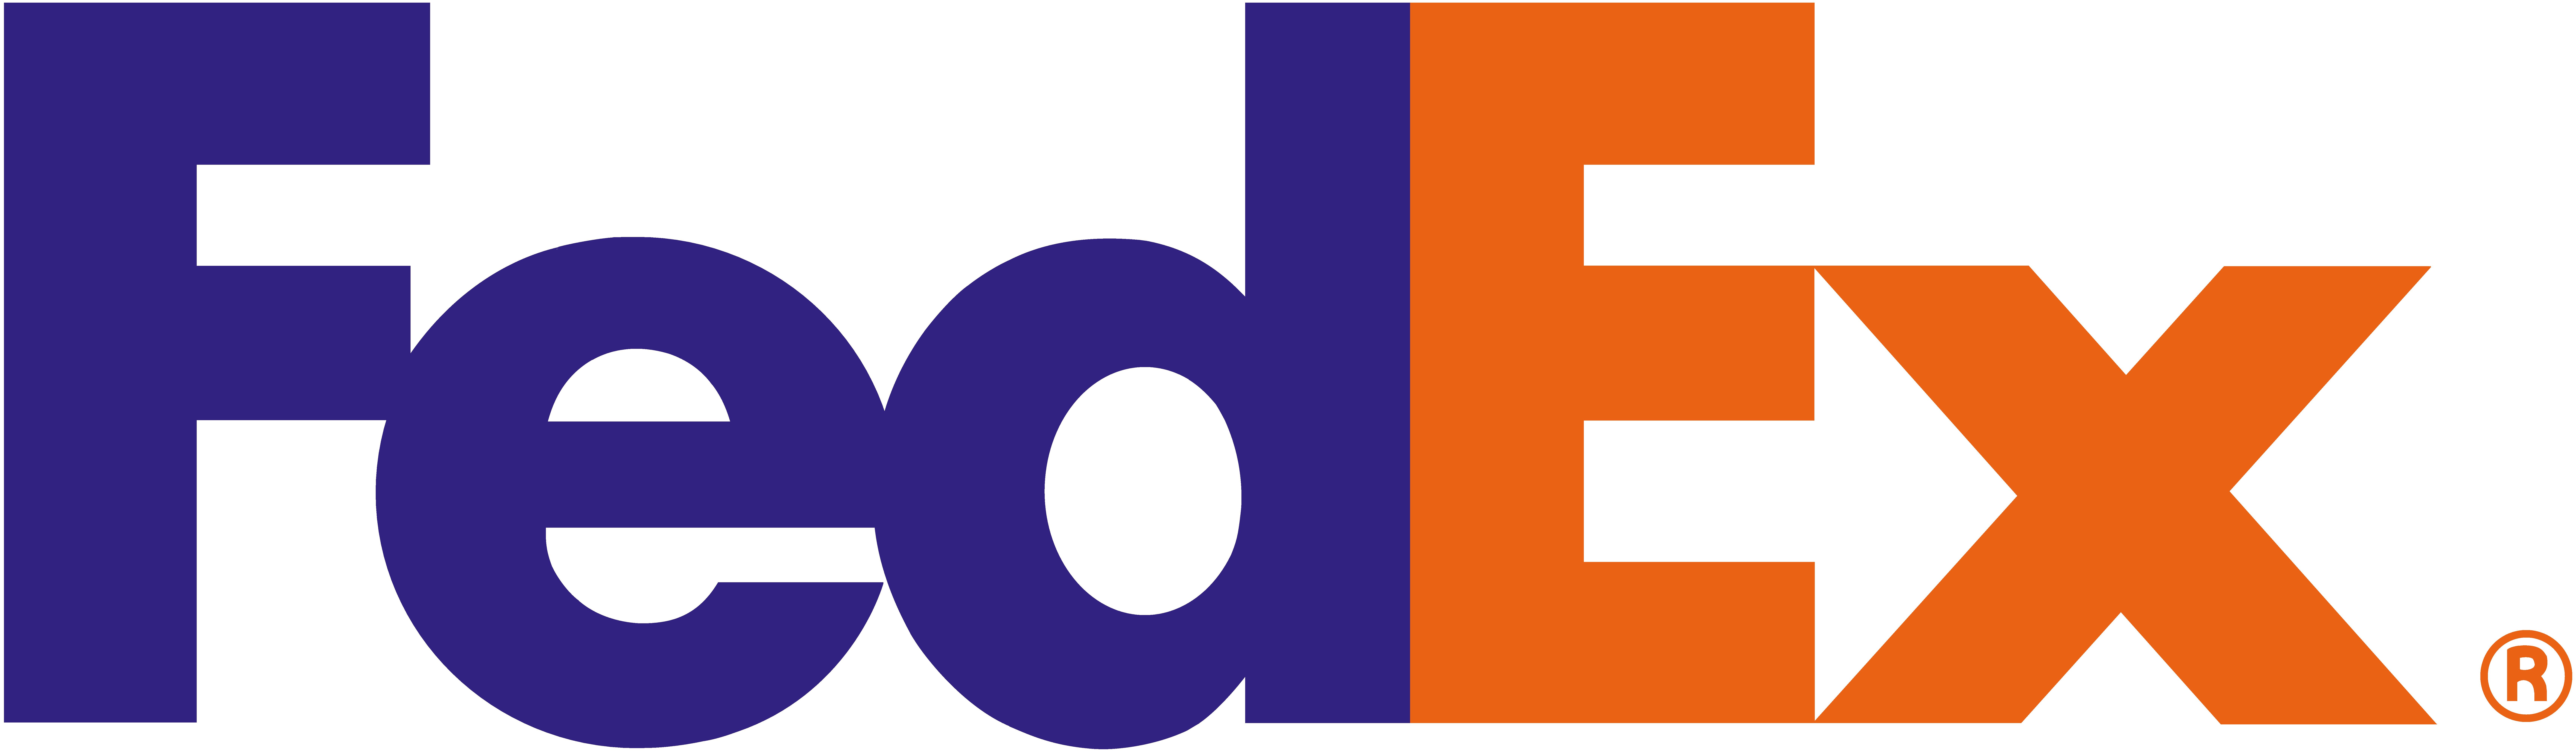 FedEx logo Vector by WindyThePlaneh on DeviantArt